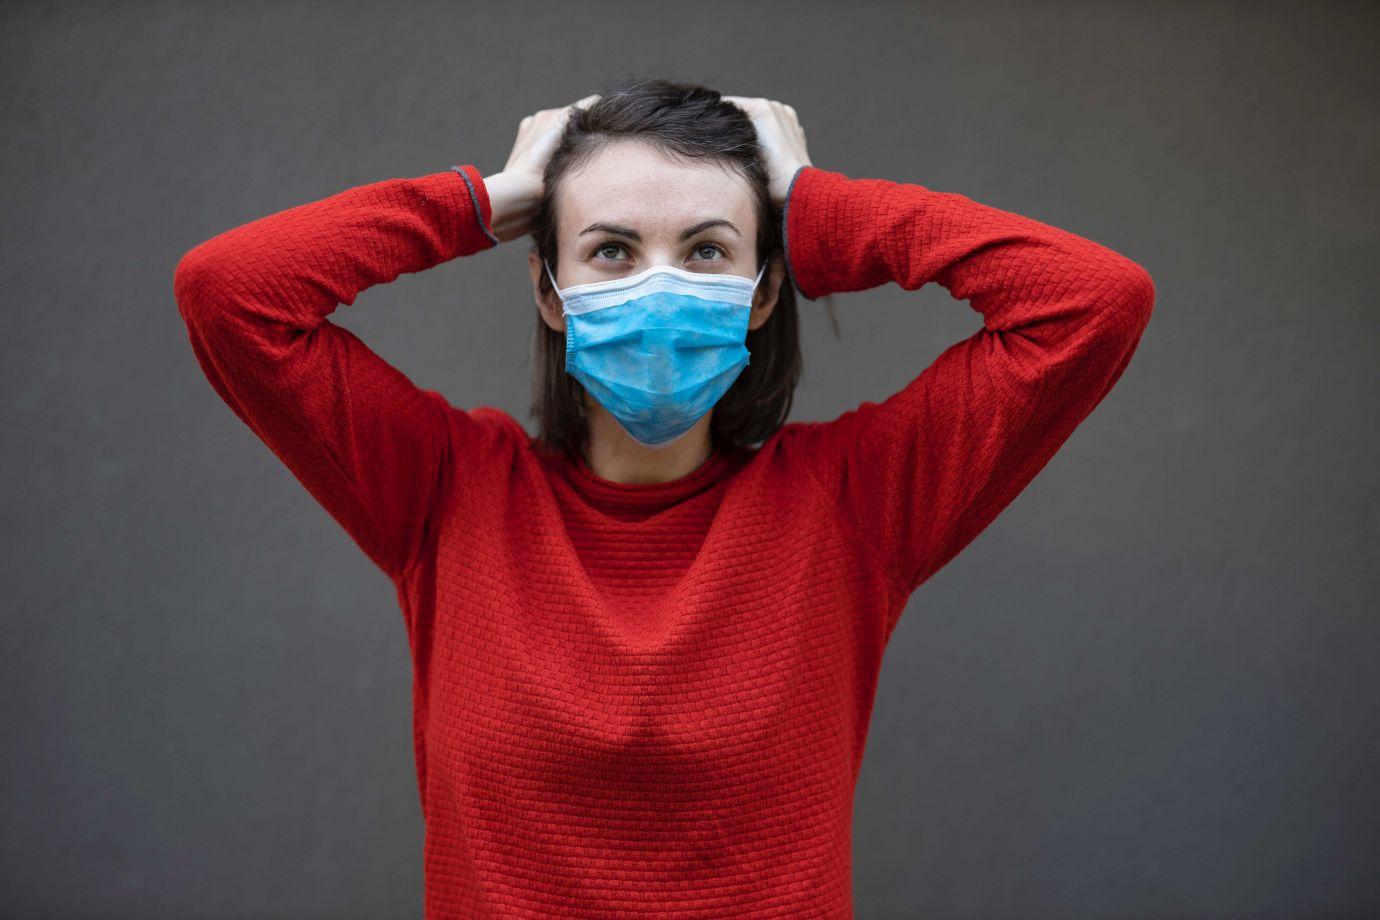 wie sind Schutzmasken richtig aufzusetzen